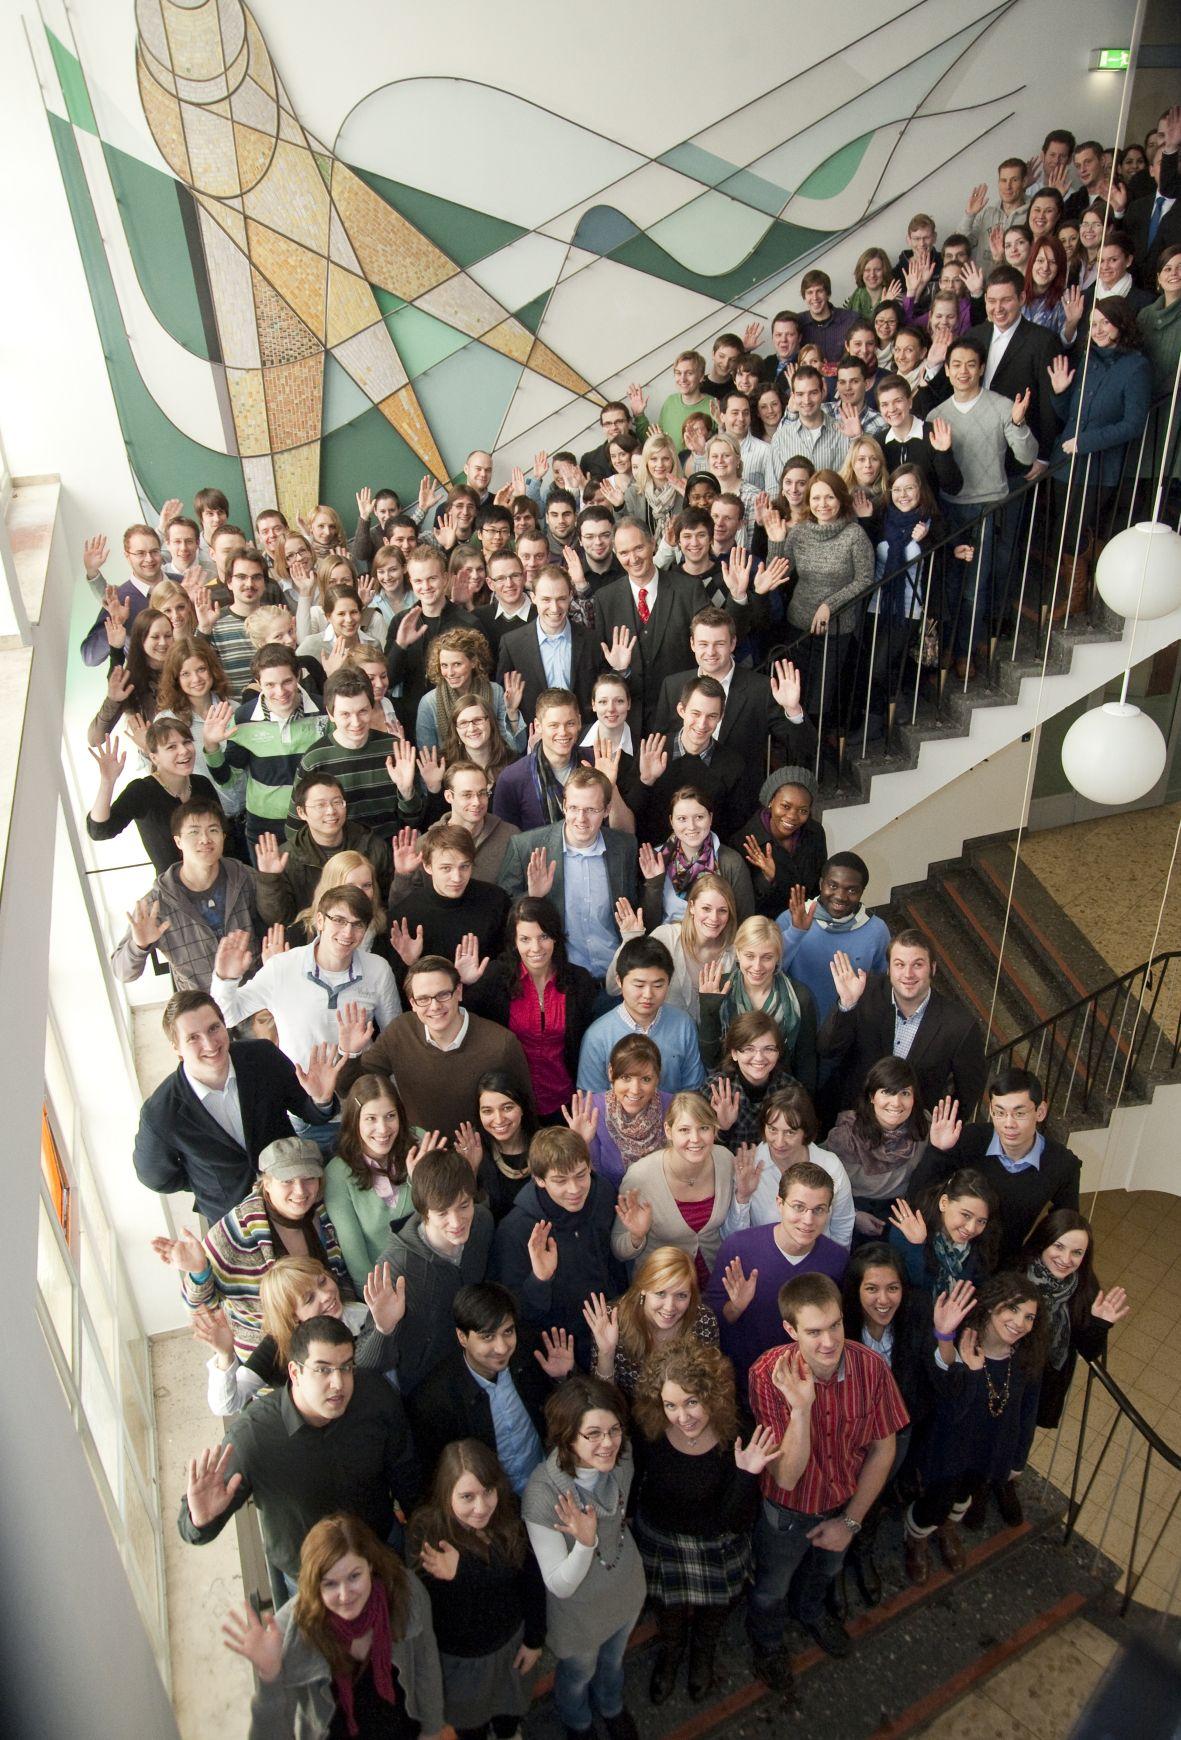 Stipendiaten der Universität Duisburg-Essen (Bildnachweis: UDE)